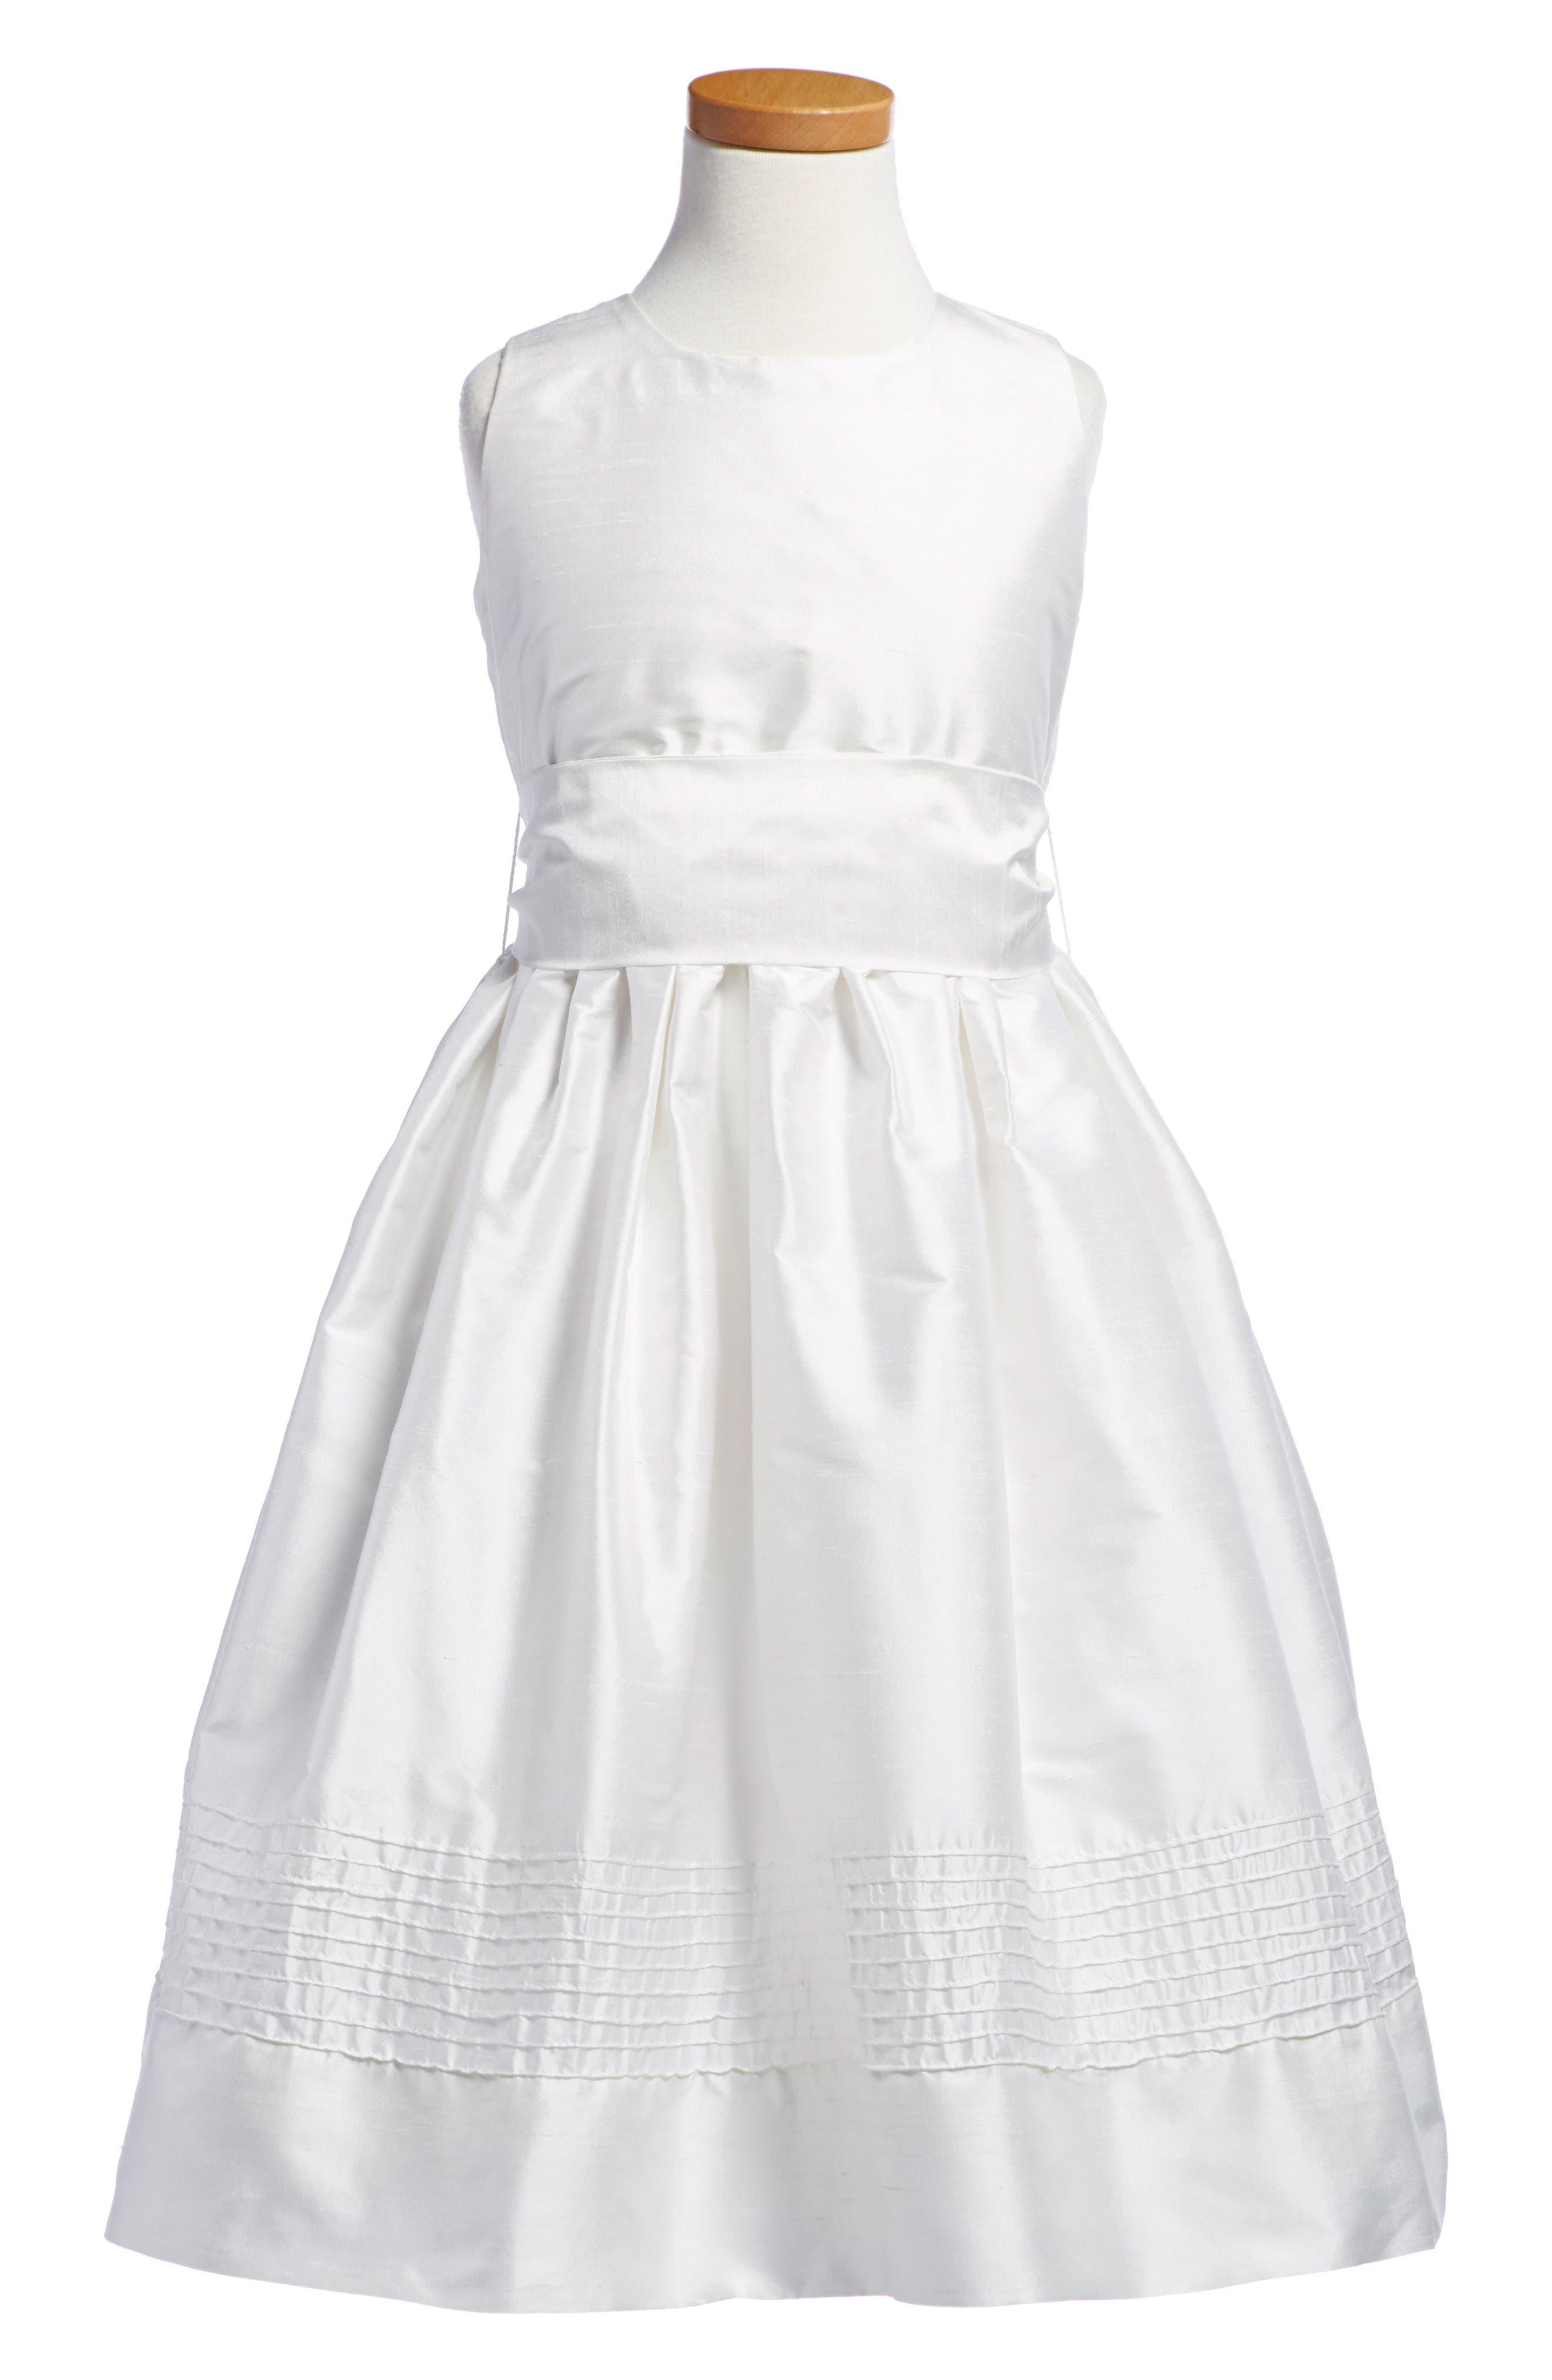 ISABEL GARRETON Timeless Silk Dress